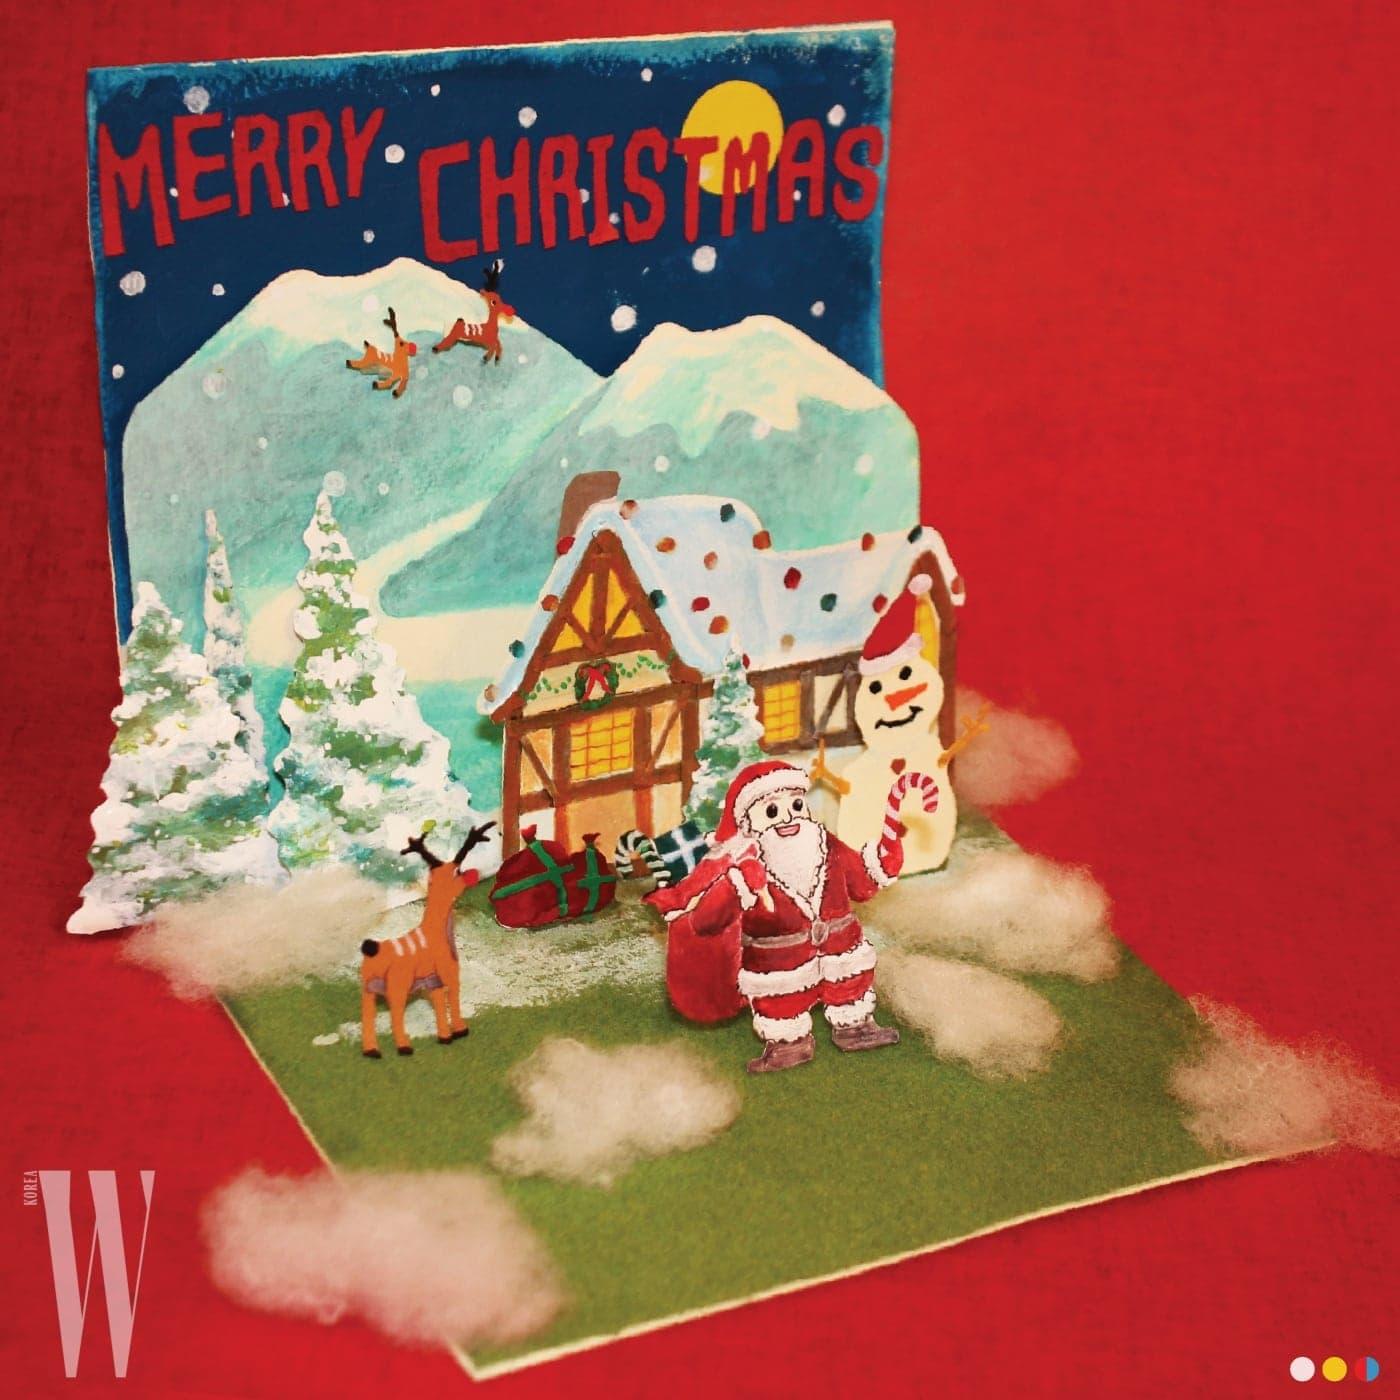 어릴 적 주고받던 크리스마스 카드에서 영감 받아 만든 아이앱 스튜디오.